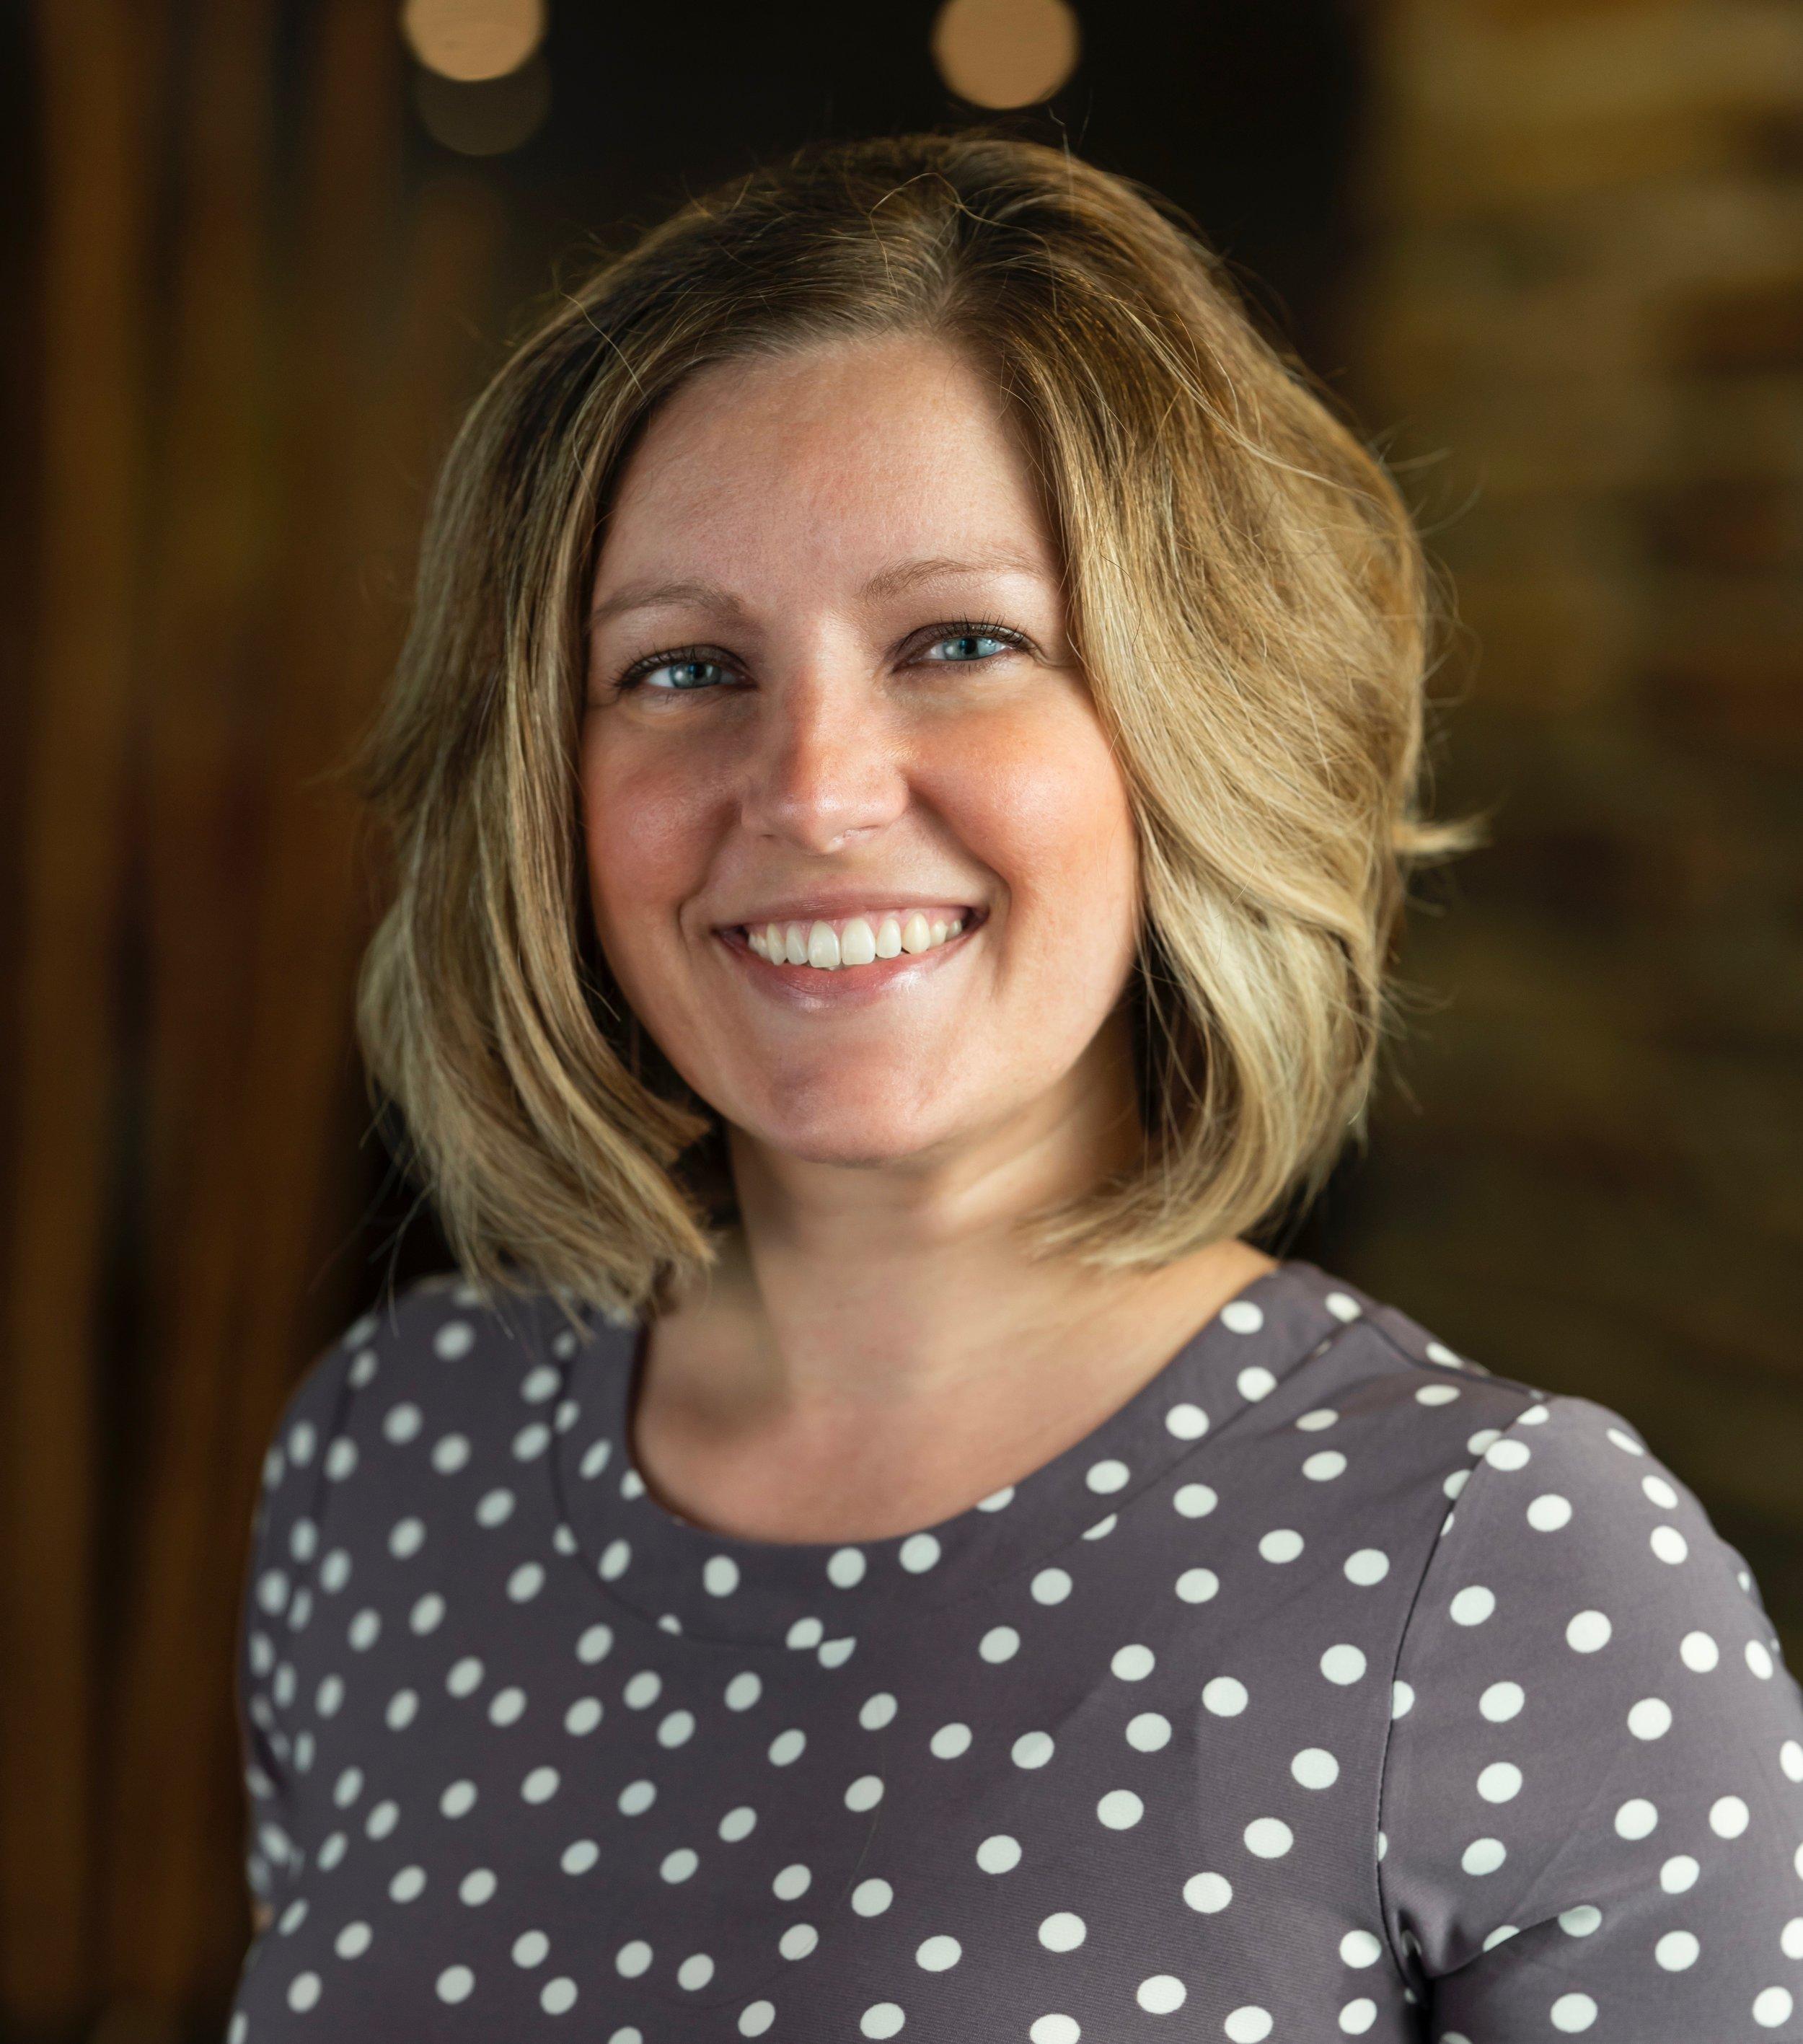 Dr. Melissa Weidert - OBGYN